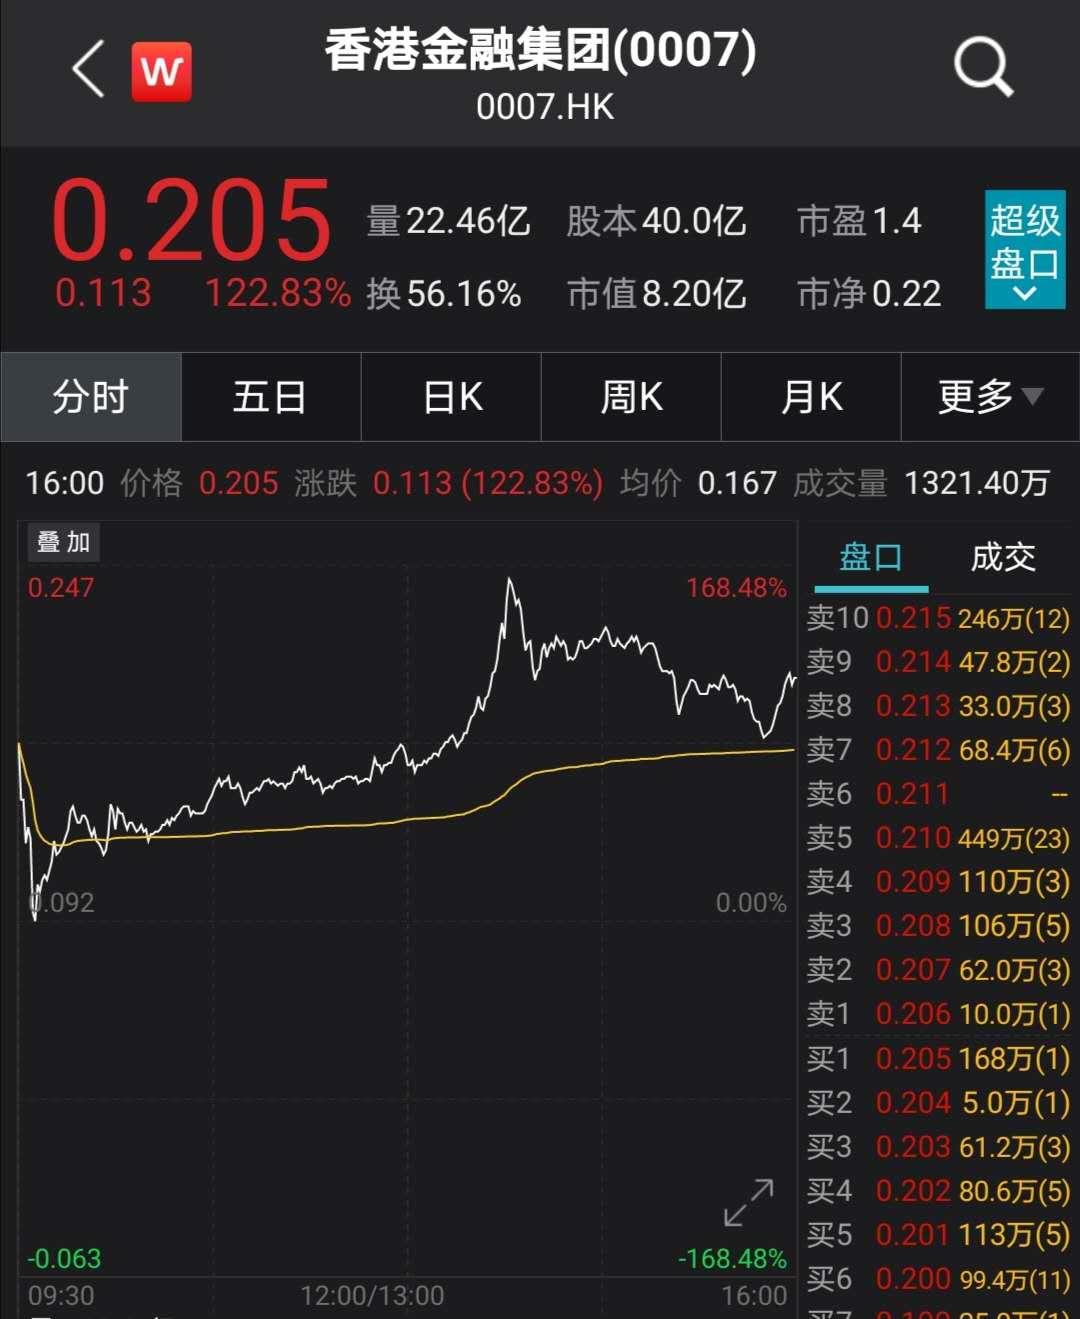 香港金融集团突然飙升160%:实控人曾狂抛5.3亿股 股价闪崩超80%